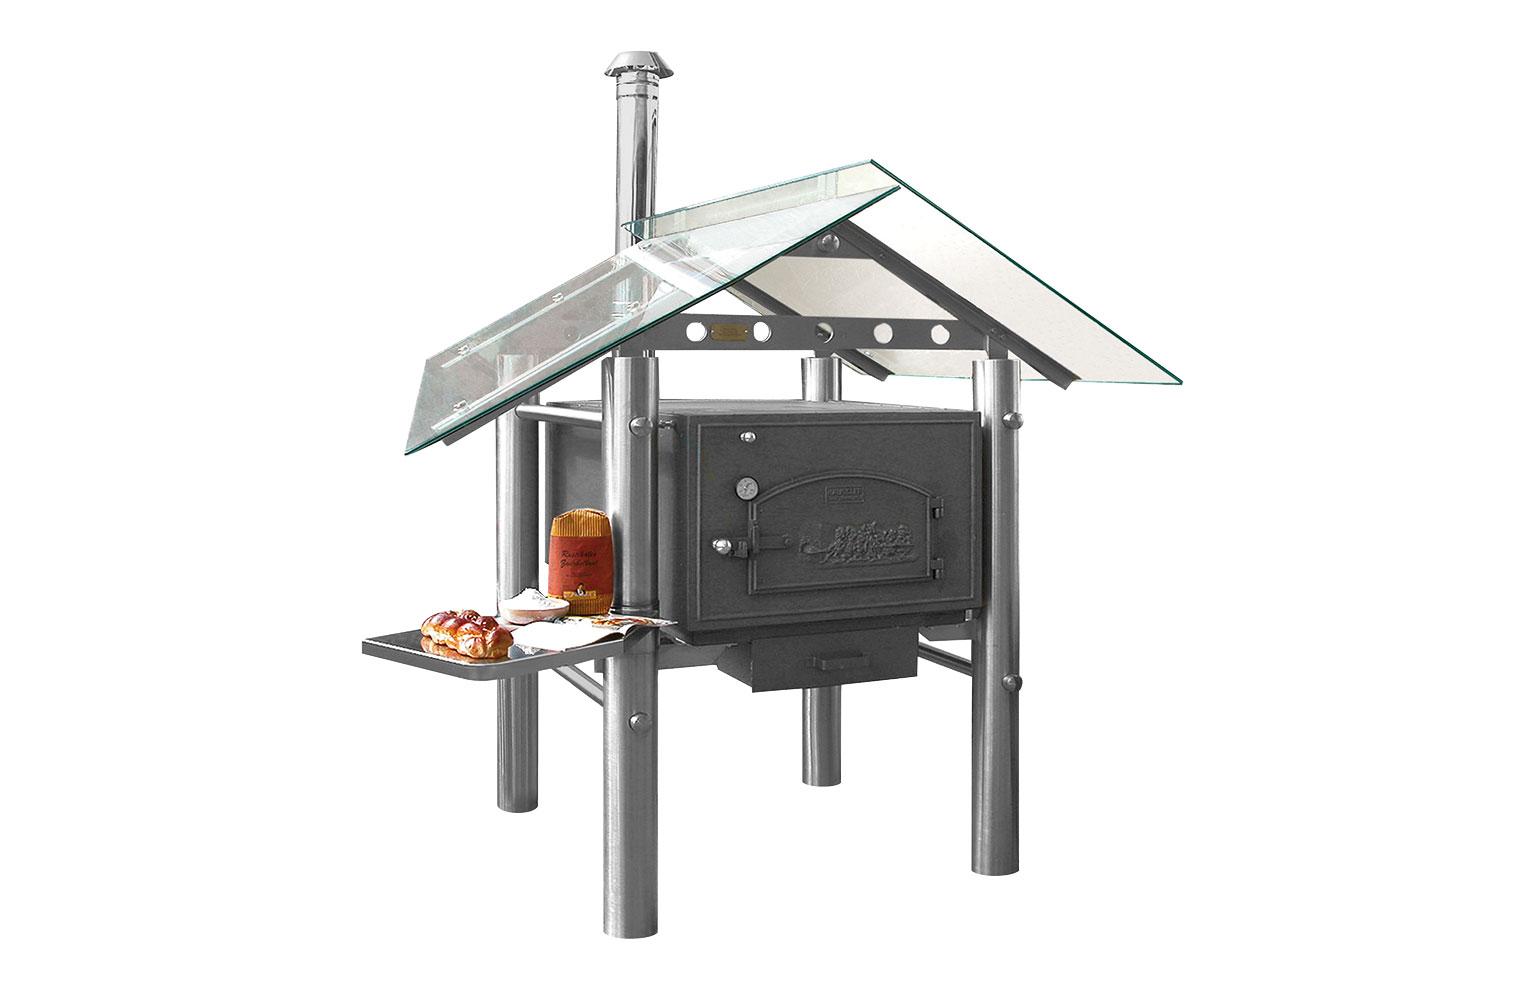 Outdoorküche Stein Facebook : Häussler outdoor küche. spritzschutz küche youtube ikea bravad